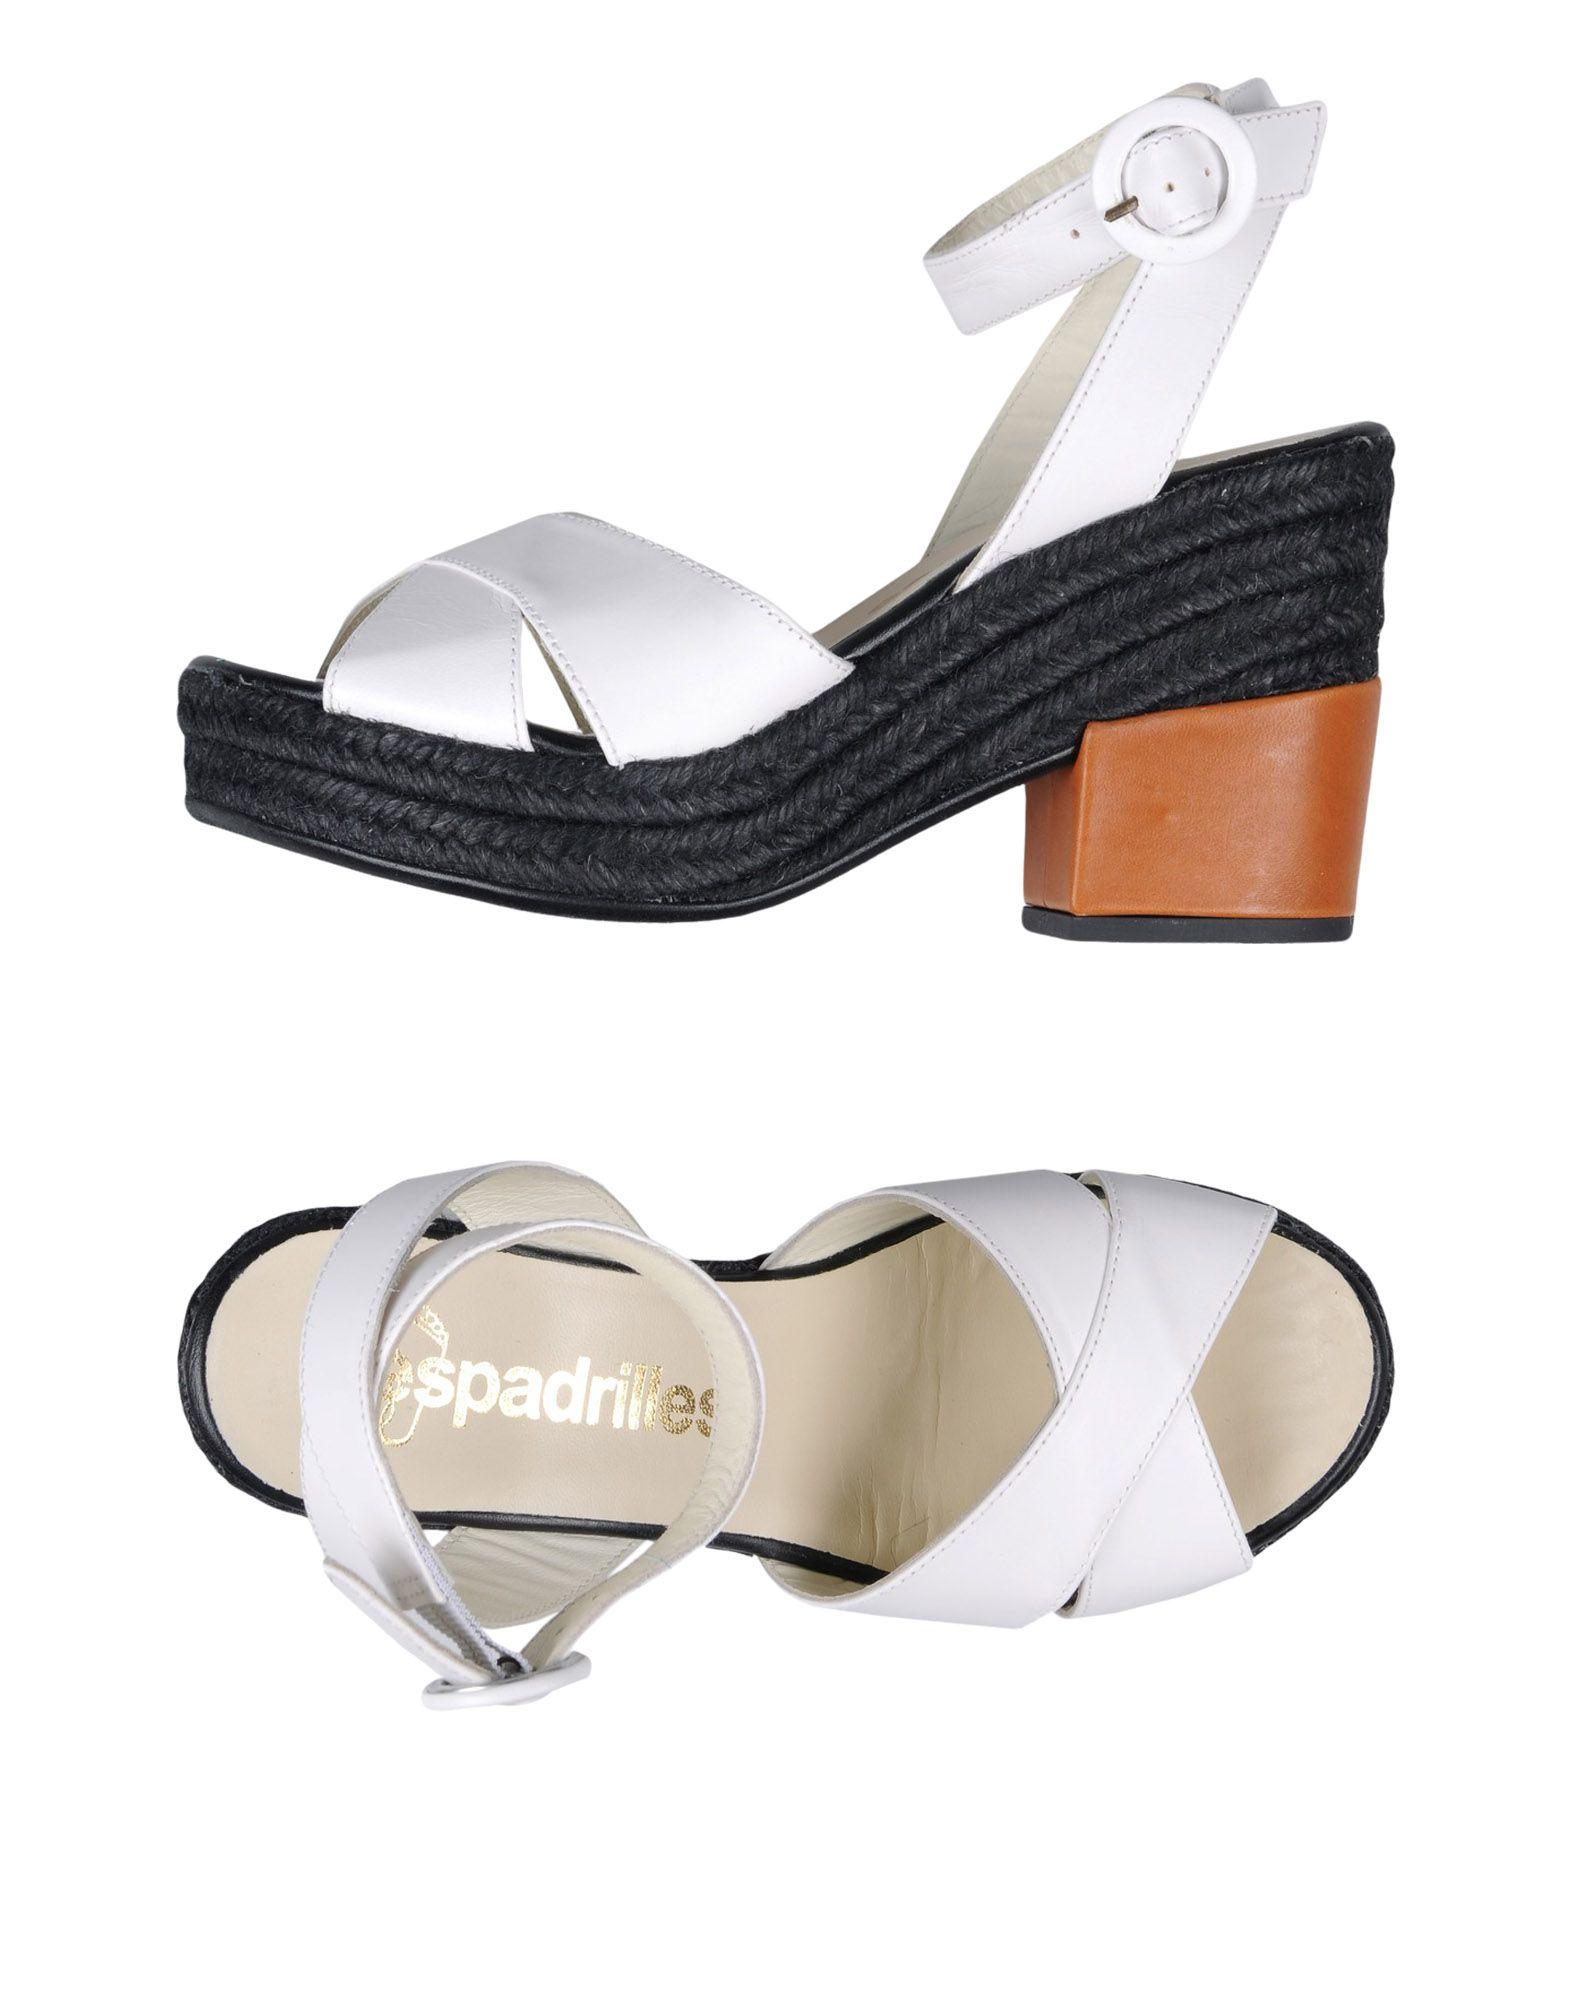 Espadrilles Sandalen Damen  11424930UT Gute Qualität beliebte Schuhe Schuhe Schuhe 192b13